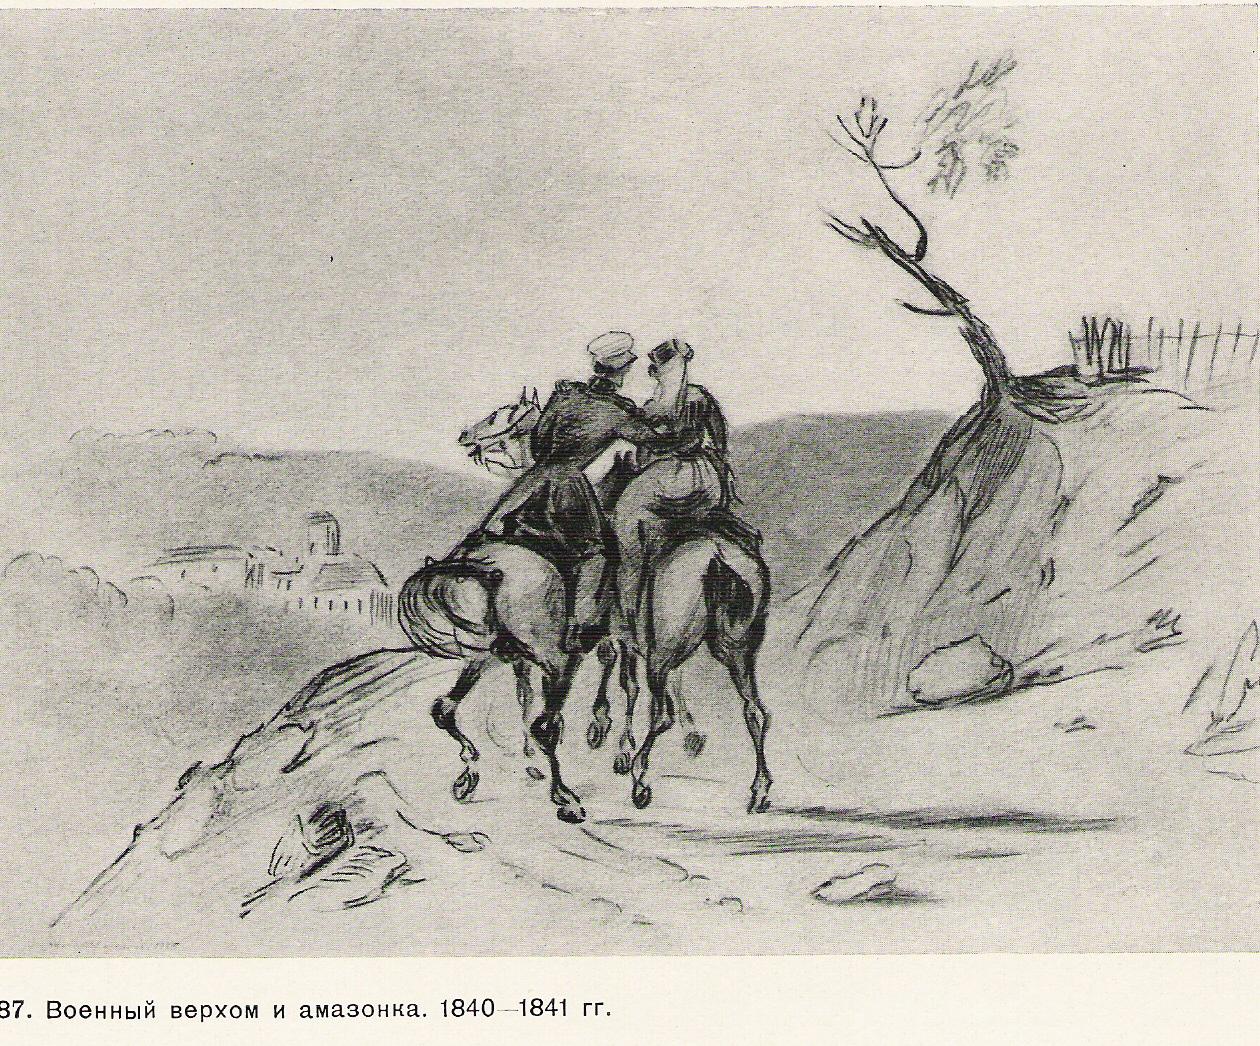 Сочинение на тему кавказкий пленик лермантова 23 фотография